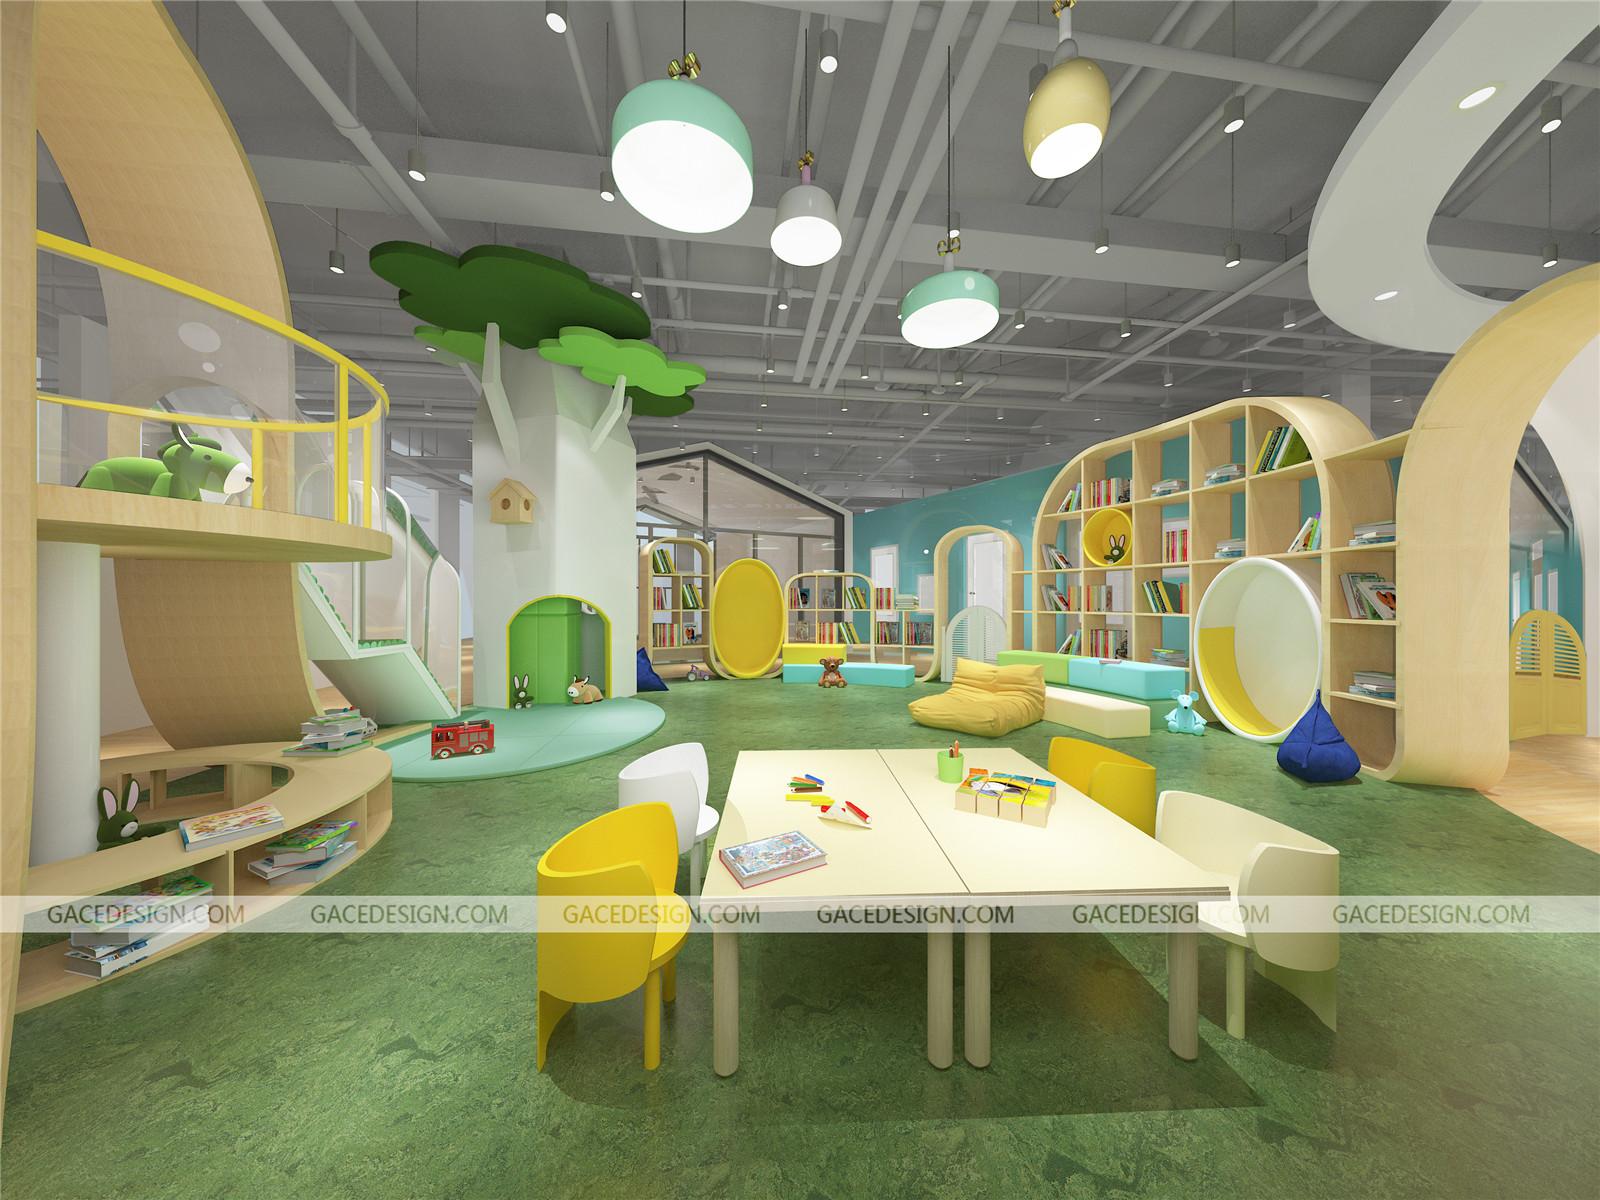 推荐小朋友最喜欢的幼儿园装修设计四大主题